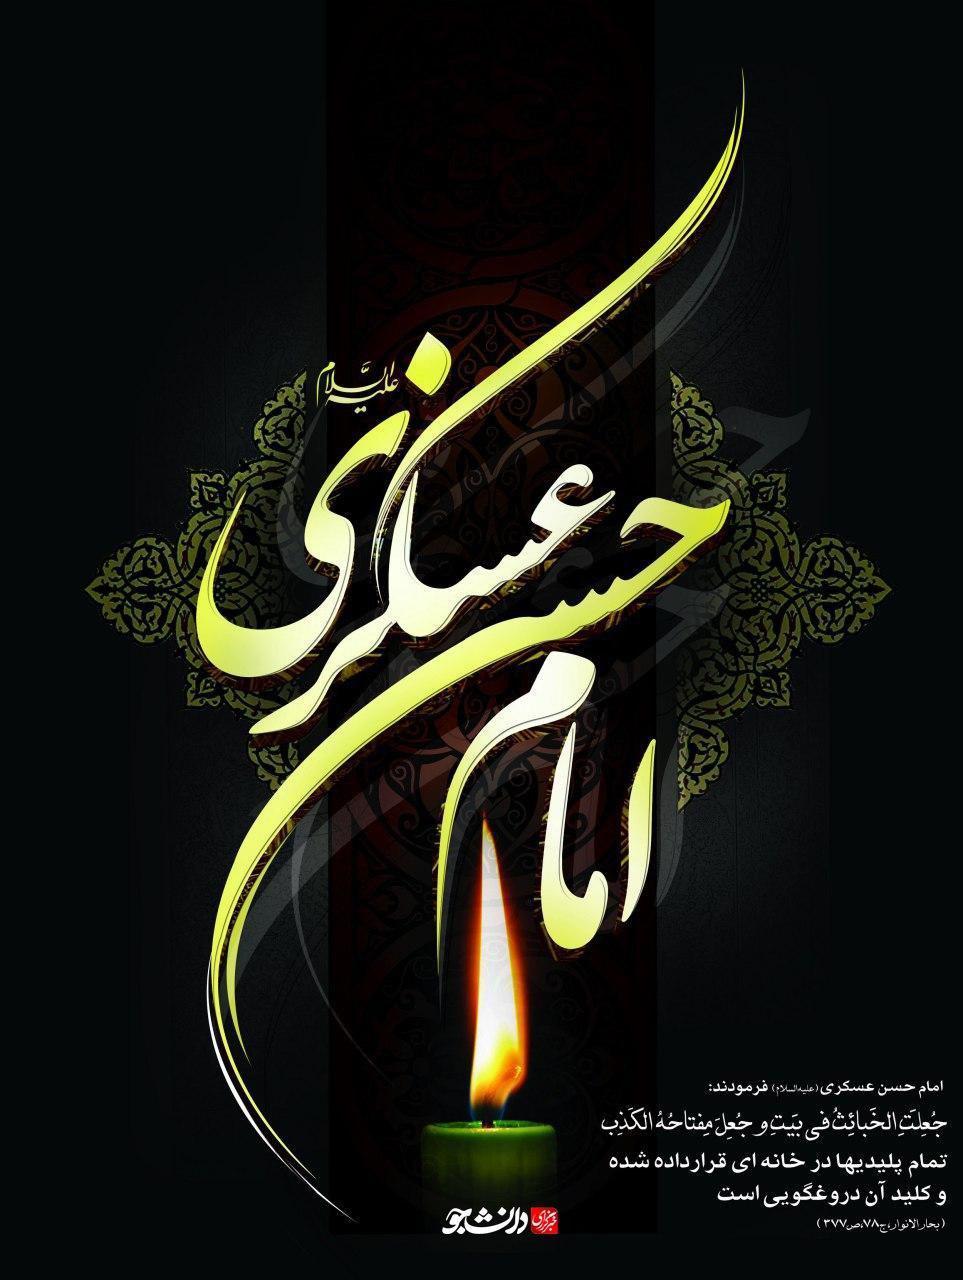 پوستر هشتم ربیع الاول سالروز شهادت امام حسن عسکری علیه السلام